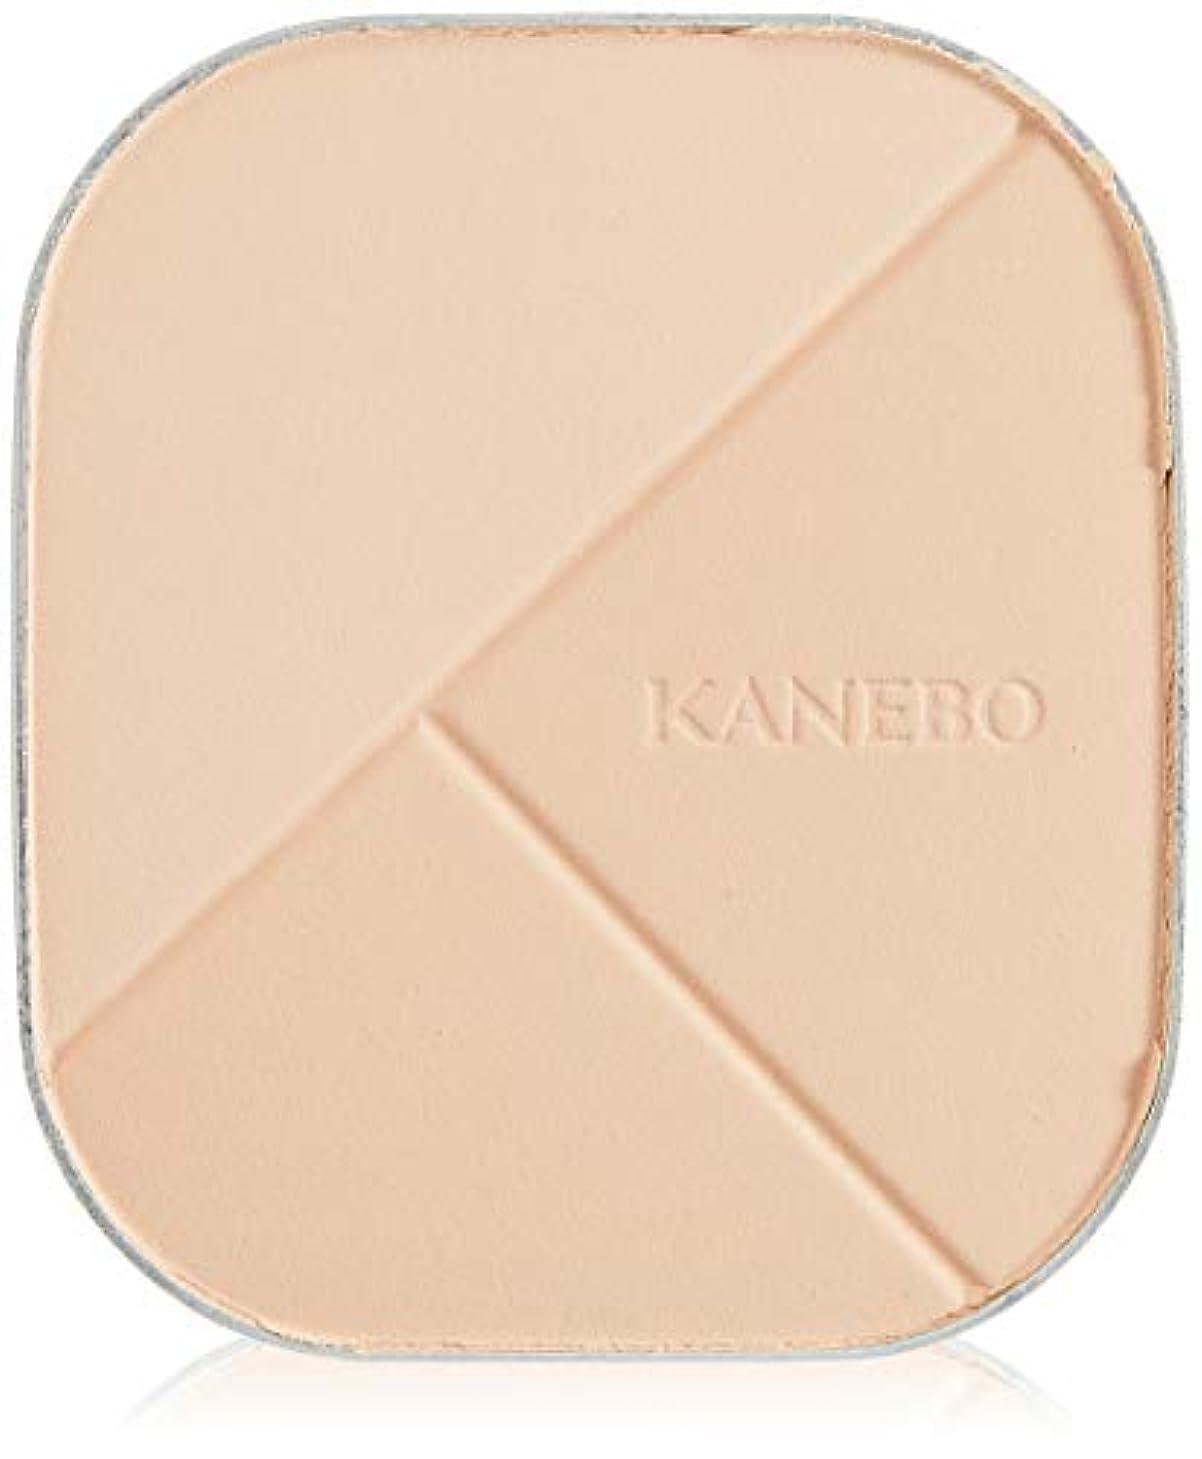 天剛性顔料KANEBO(カネボウ) カネボウ デュアルラディアンスファンデーション ベージュC SPF15/PA++ ファンデーション(パクト)